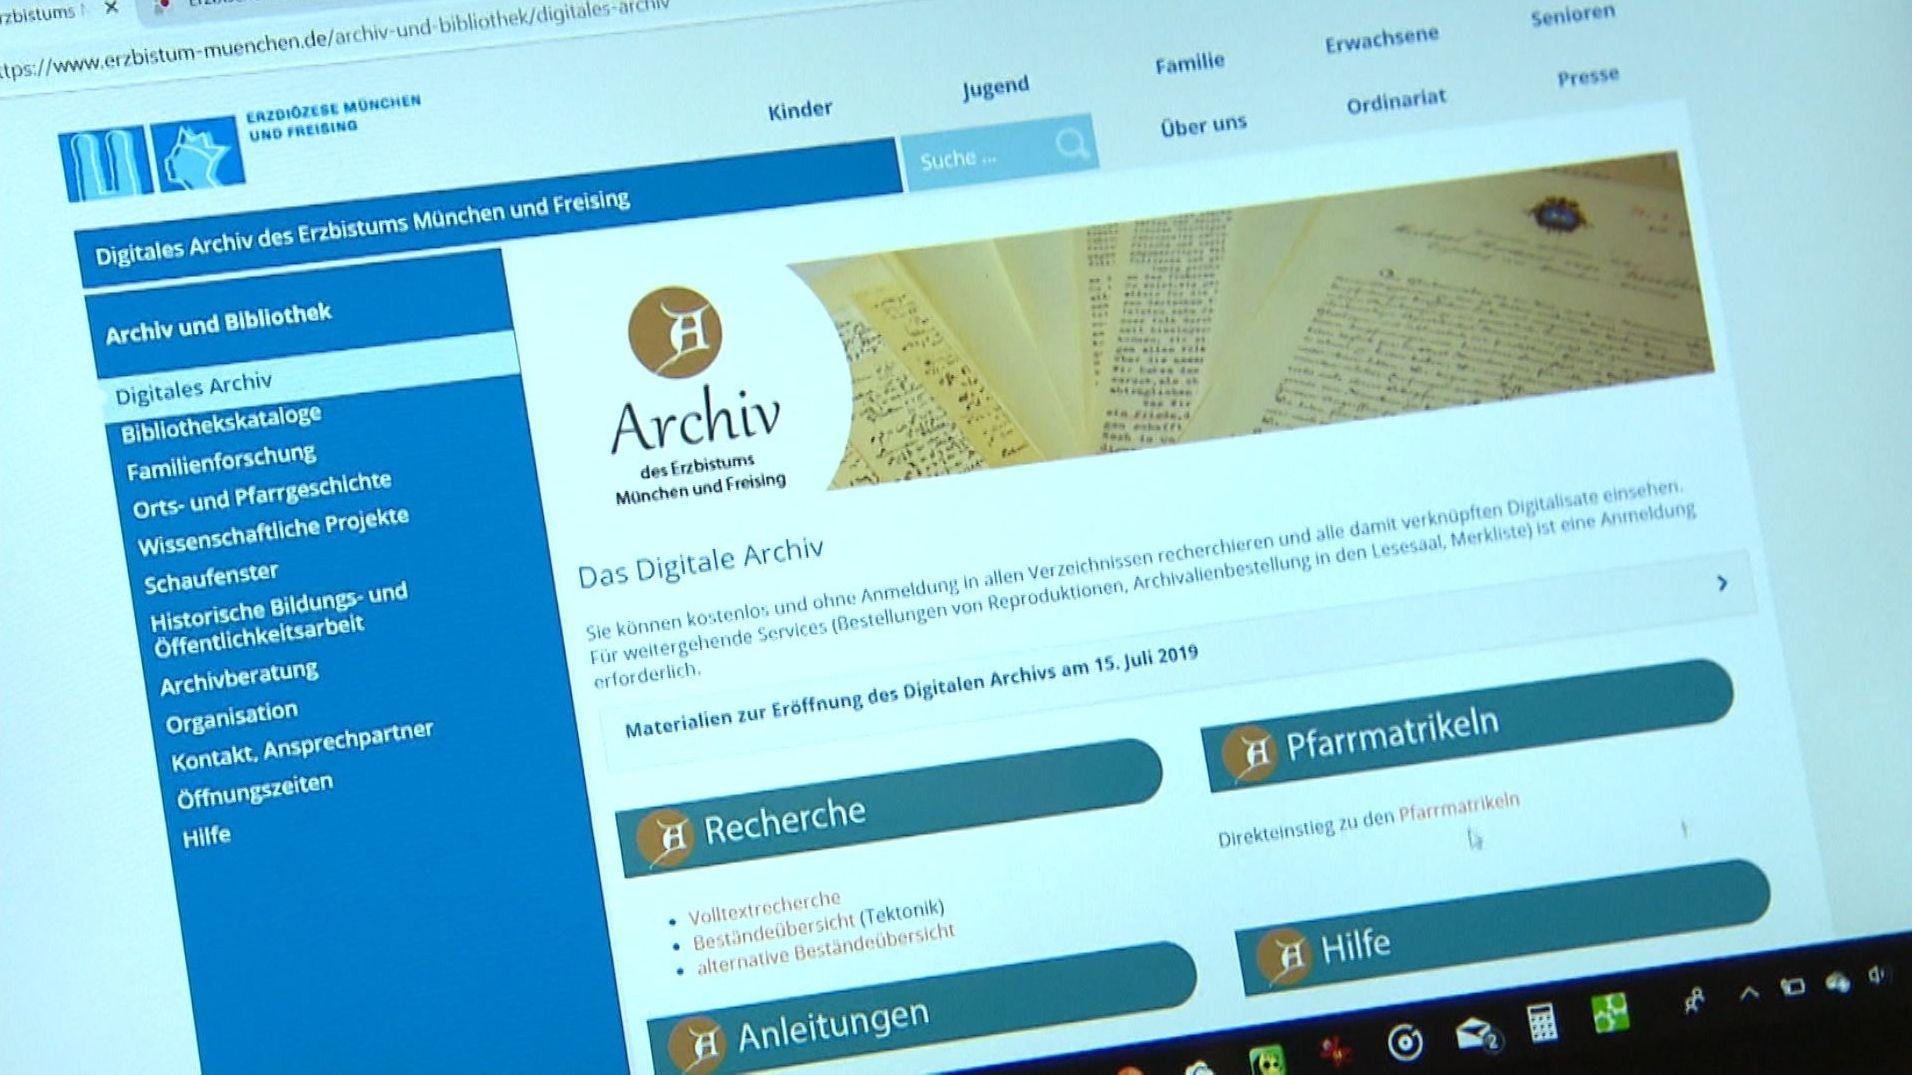 Das Archiv des Erzbistums München und Freising, eines der größten Kirchenarchive Deutschlands, steht seit Dienstag online.